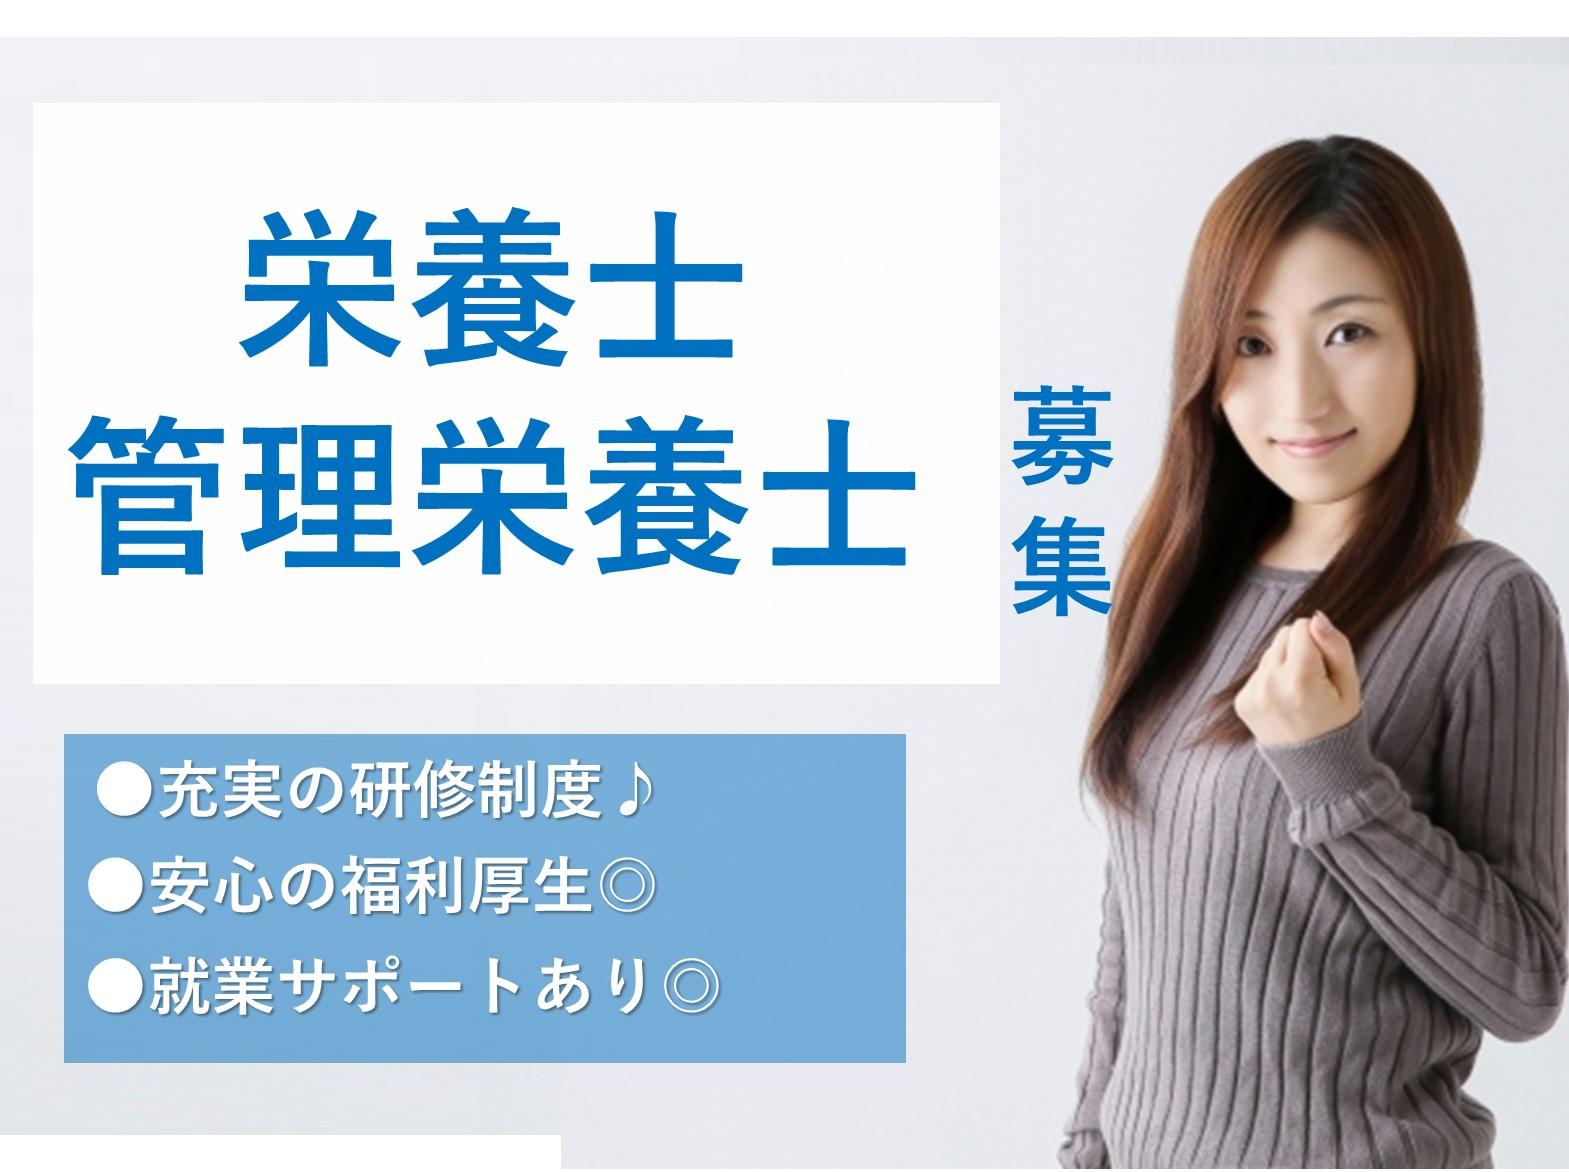 【急募】安心の就業サポートで長期勤務◎ボーナス2回♪栄養士・管理栄養士 イメージ